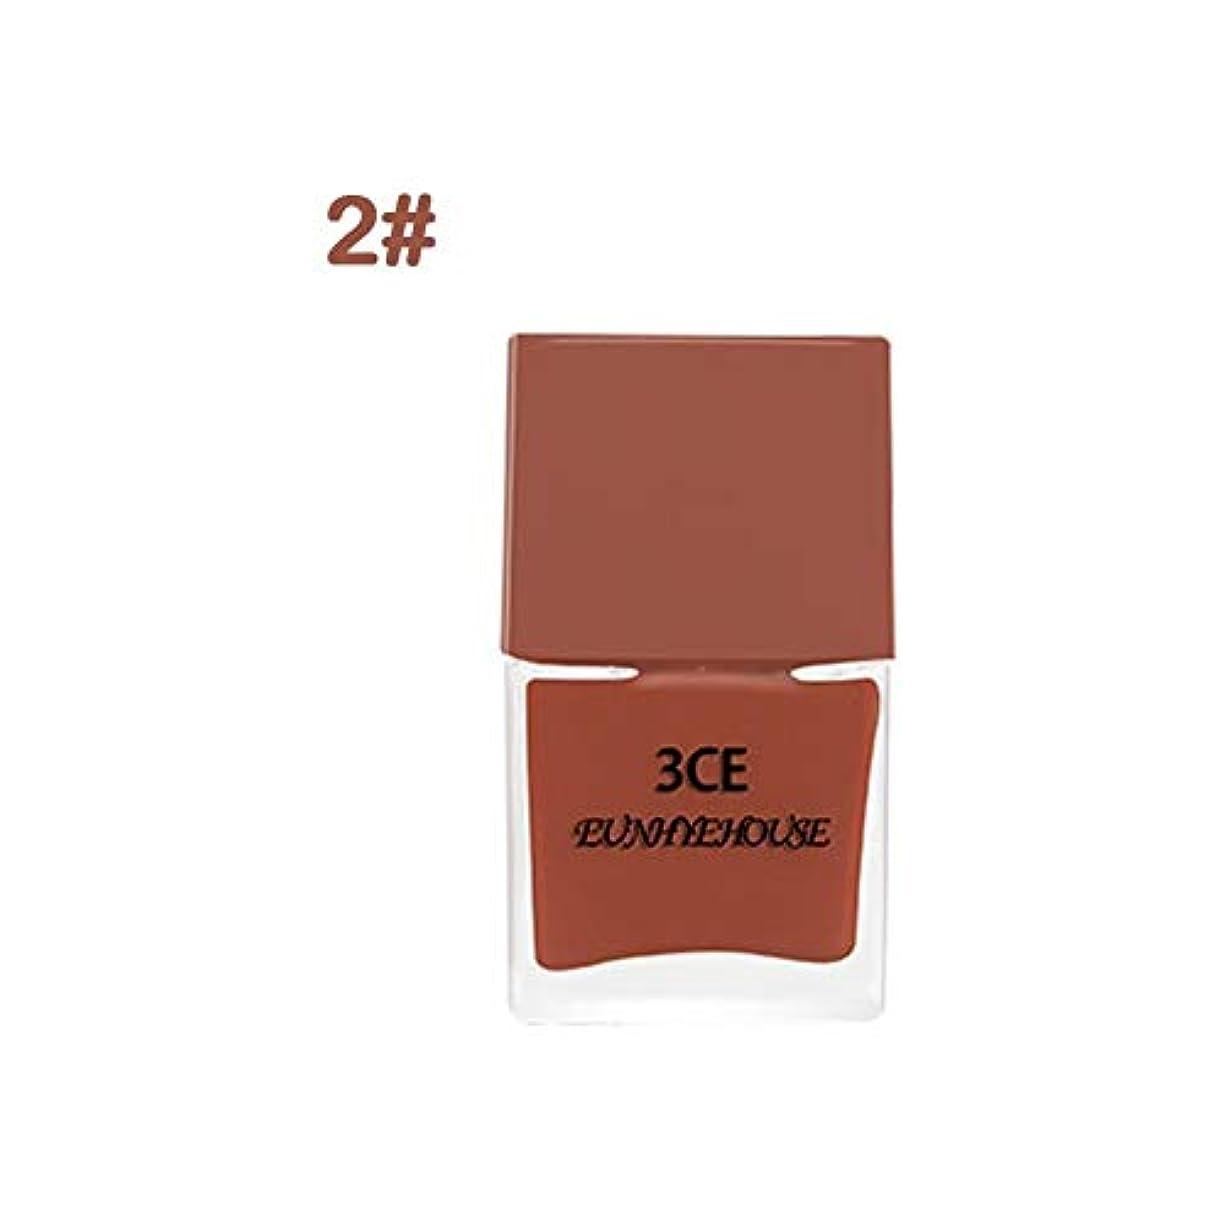 スクラッチ特定の有利高品質 8色選べる ネイルポリッシュ ネイルカラー レッド パンプキンカラー 秋色 ネイルデコレーション ネイルジェル マニキュア 人気ネイル用品 junexi